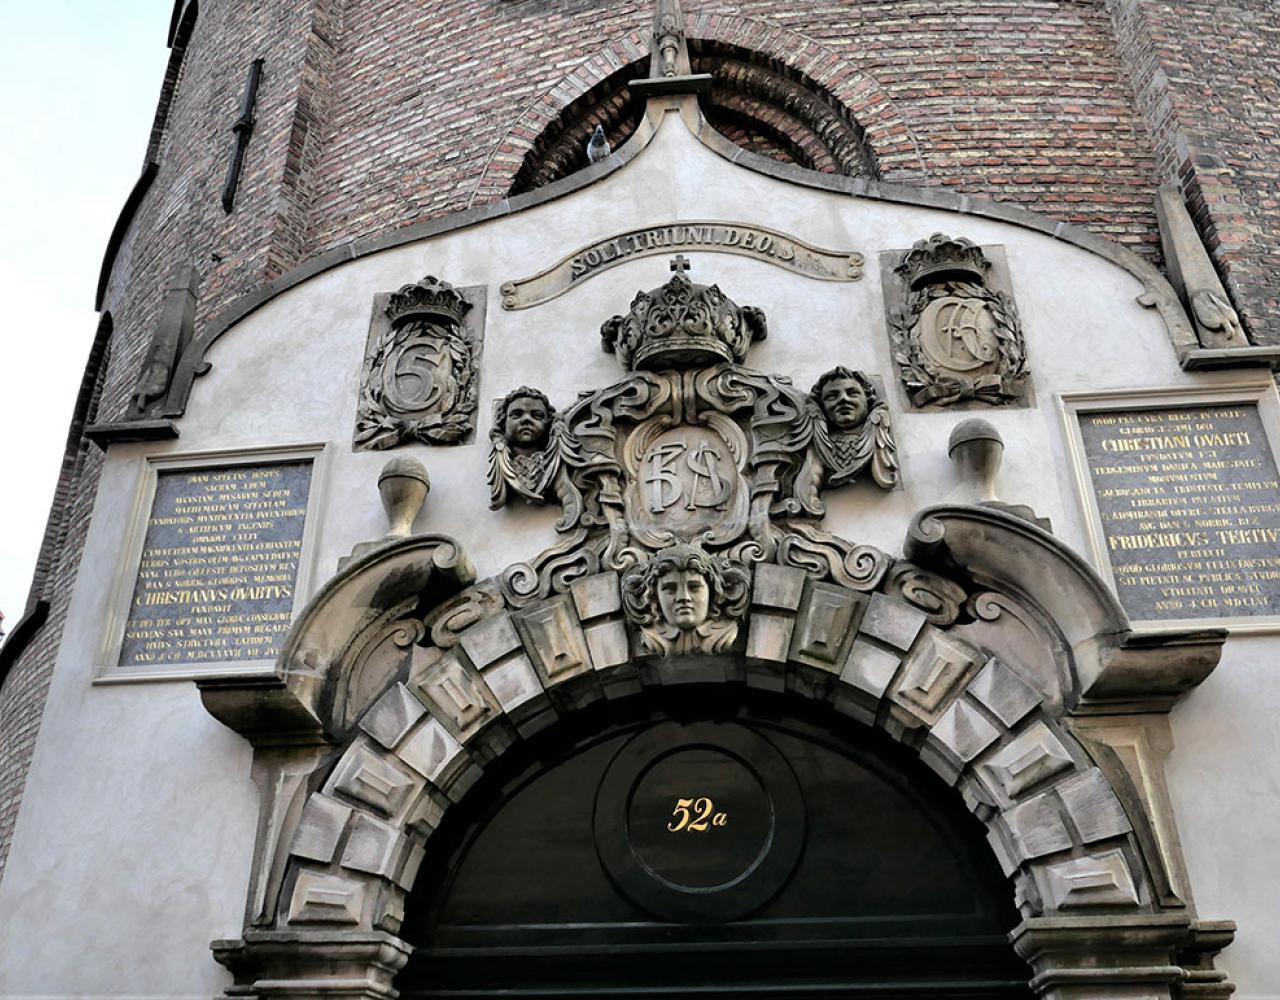 rundetårn indgang tavler